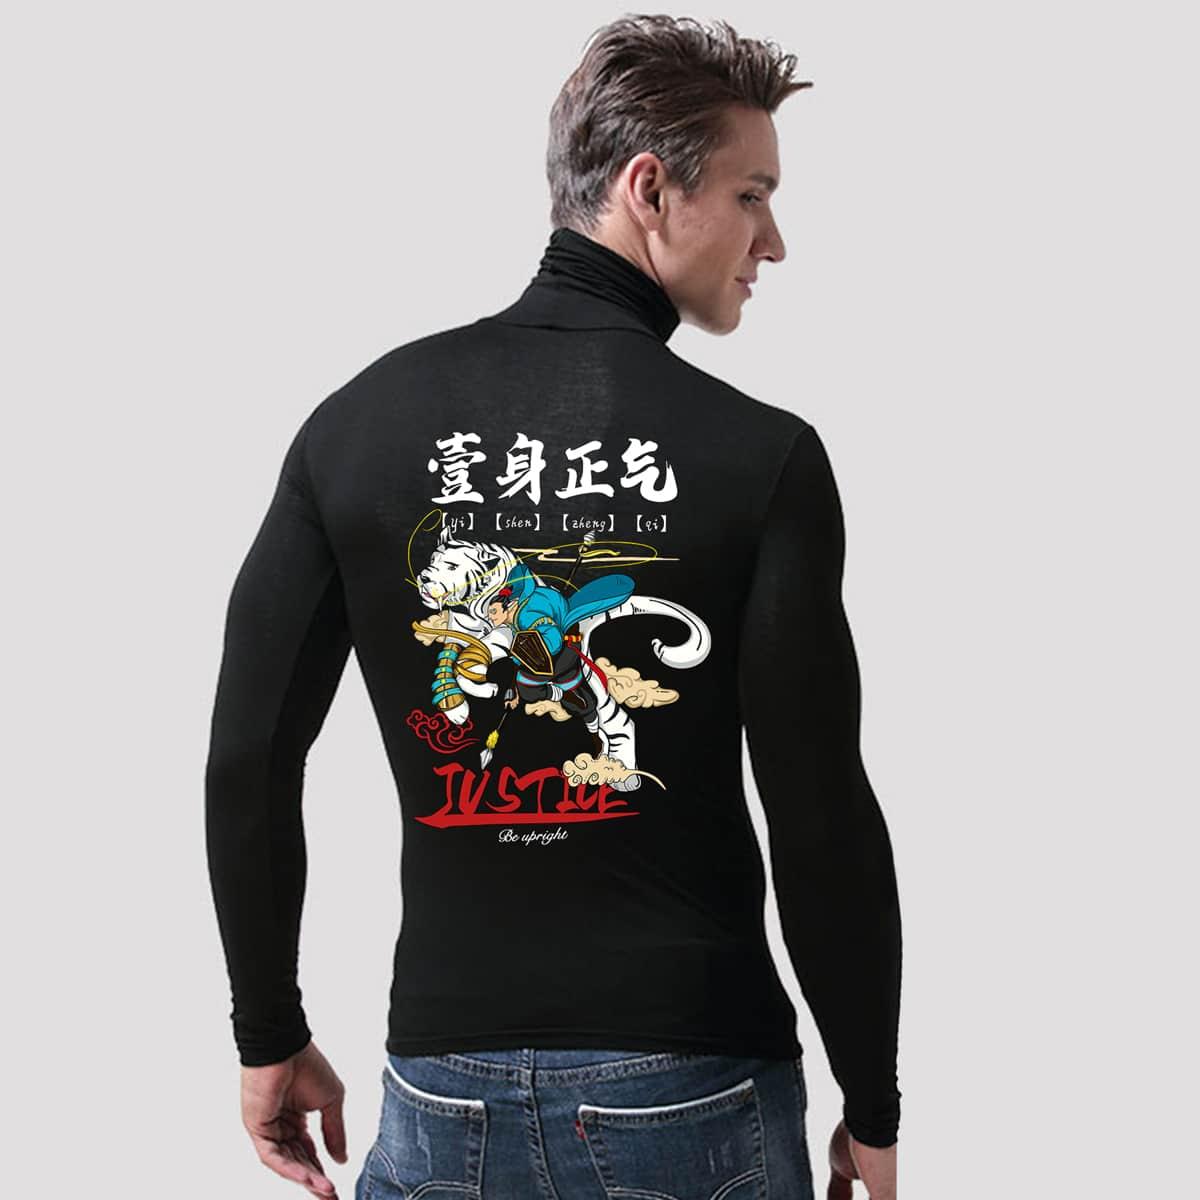 Мужская футболка с высоким воротом и китайскими иероглифами